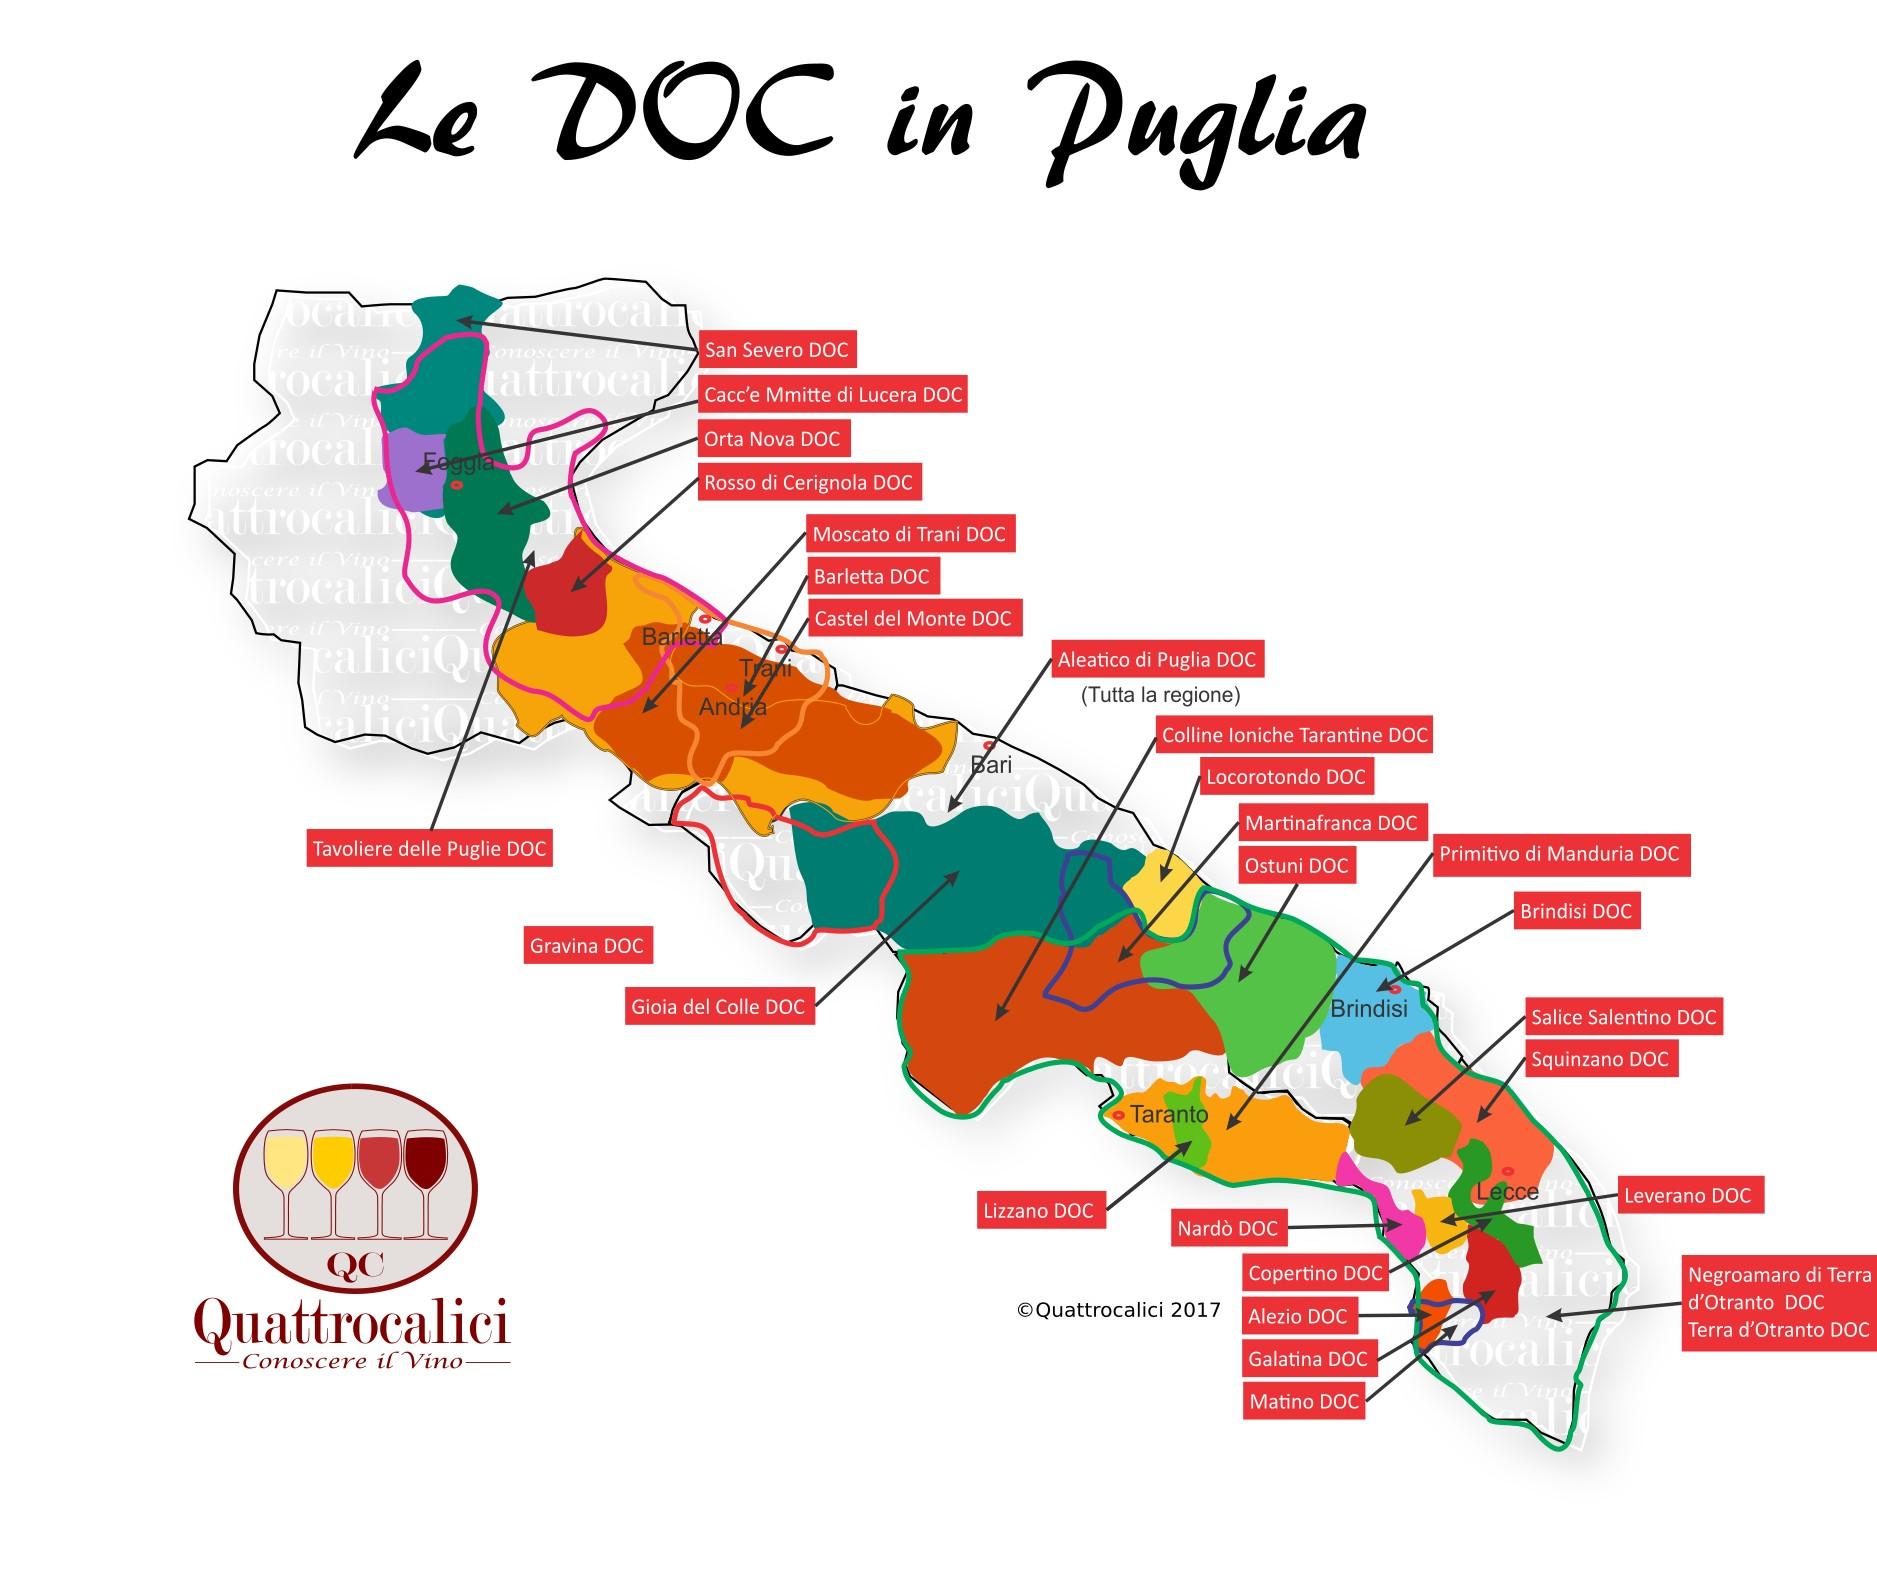 Mappa Denominazioni DOC Le Denominazioni di Origine in Puglia